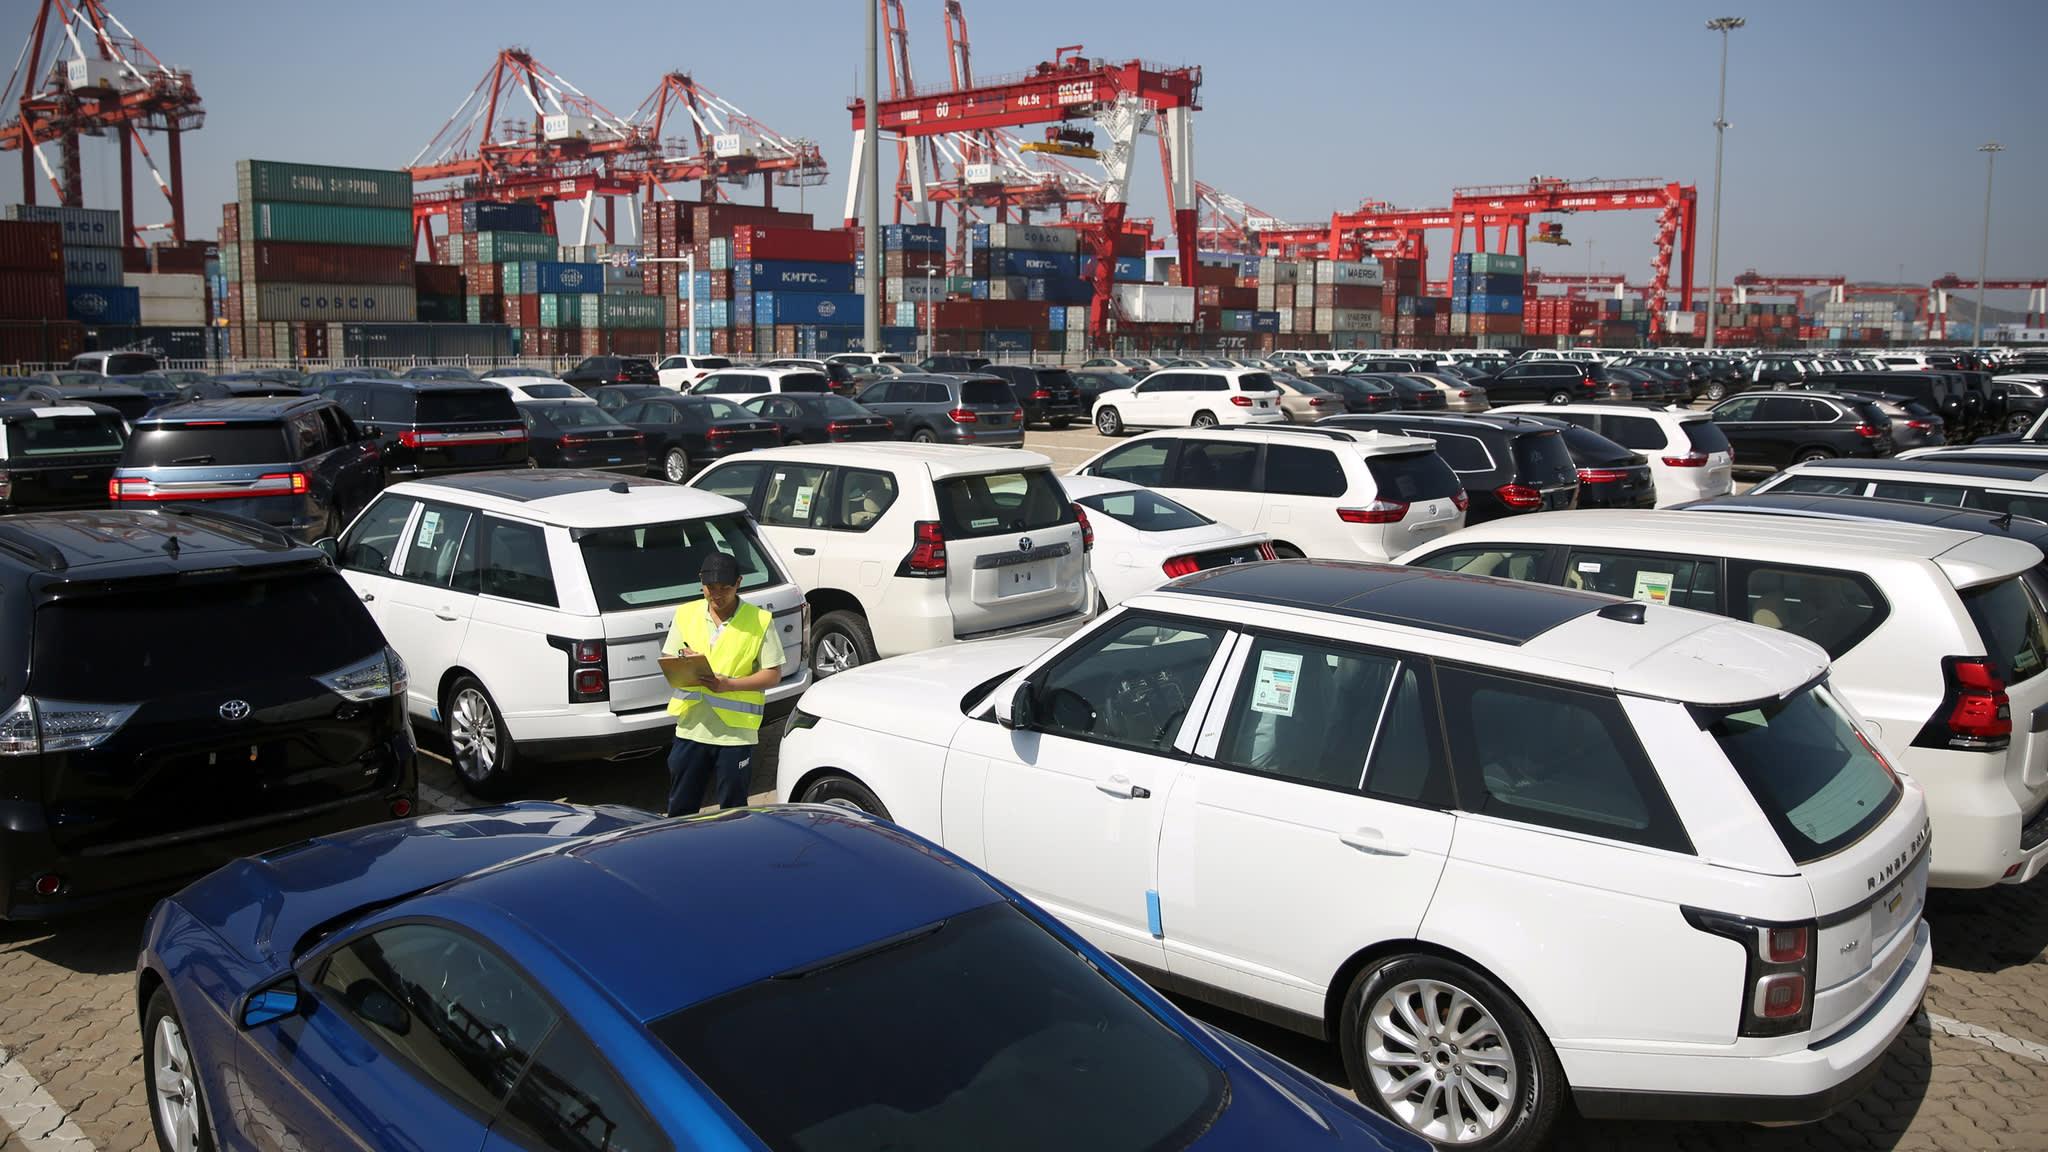 Mercado chinês em queda abrupta, construtores apelam a Pequim para mudanças